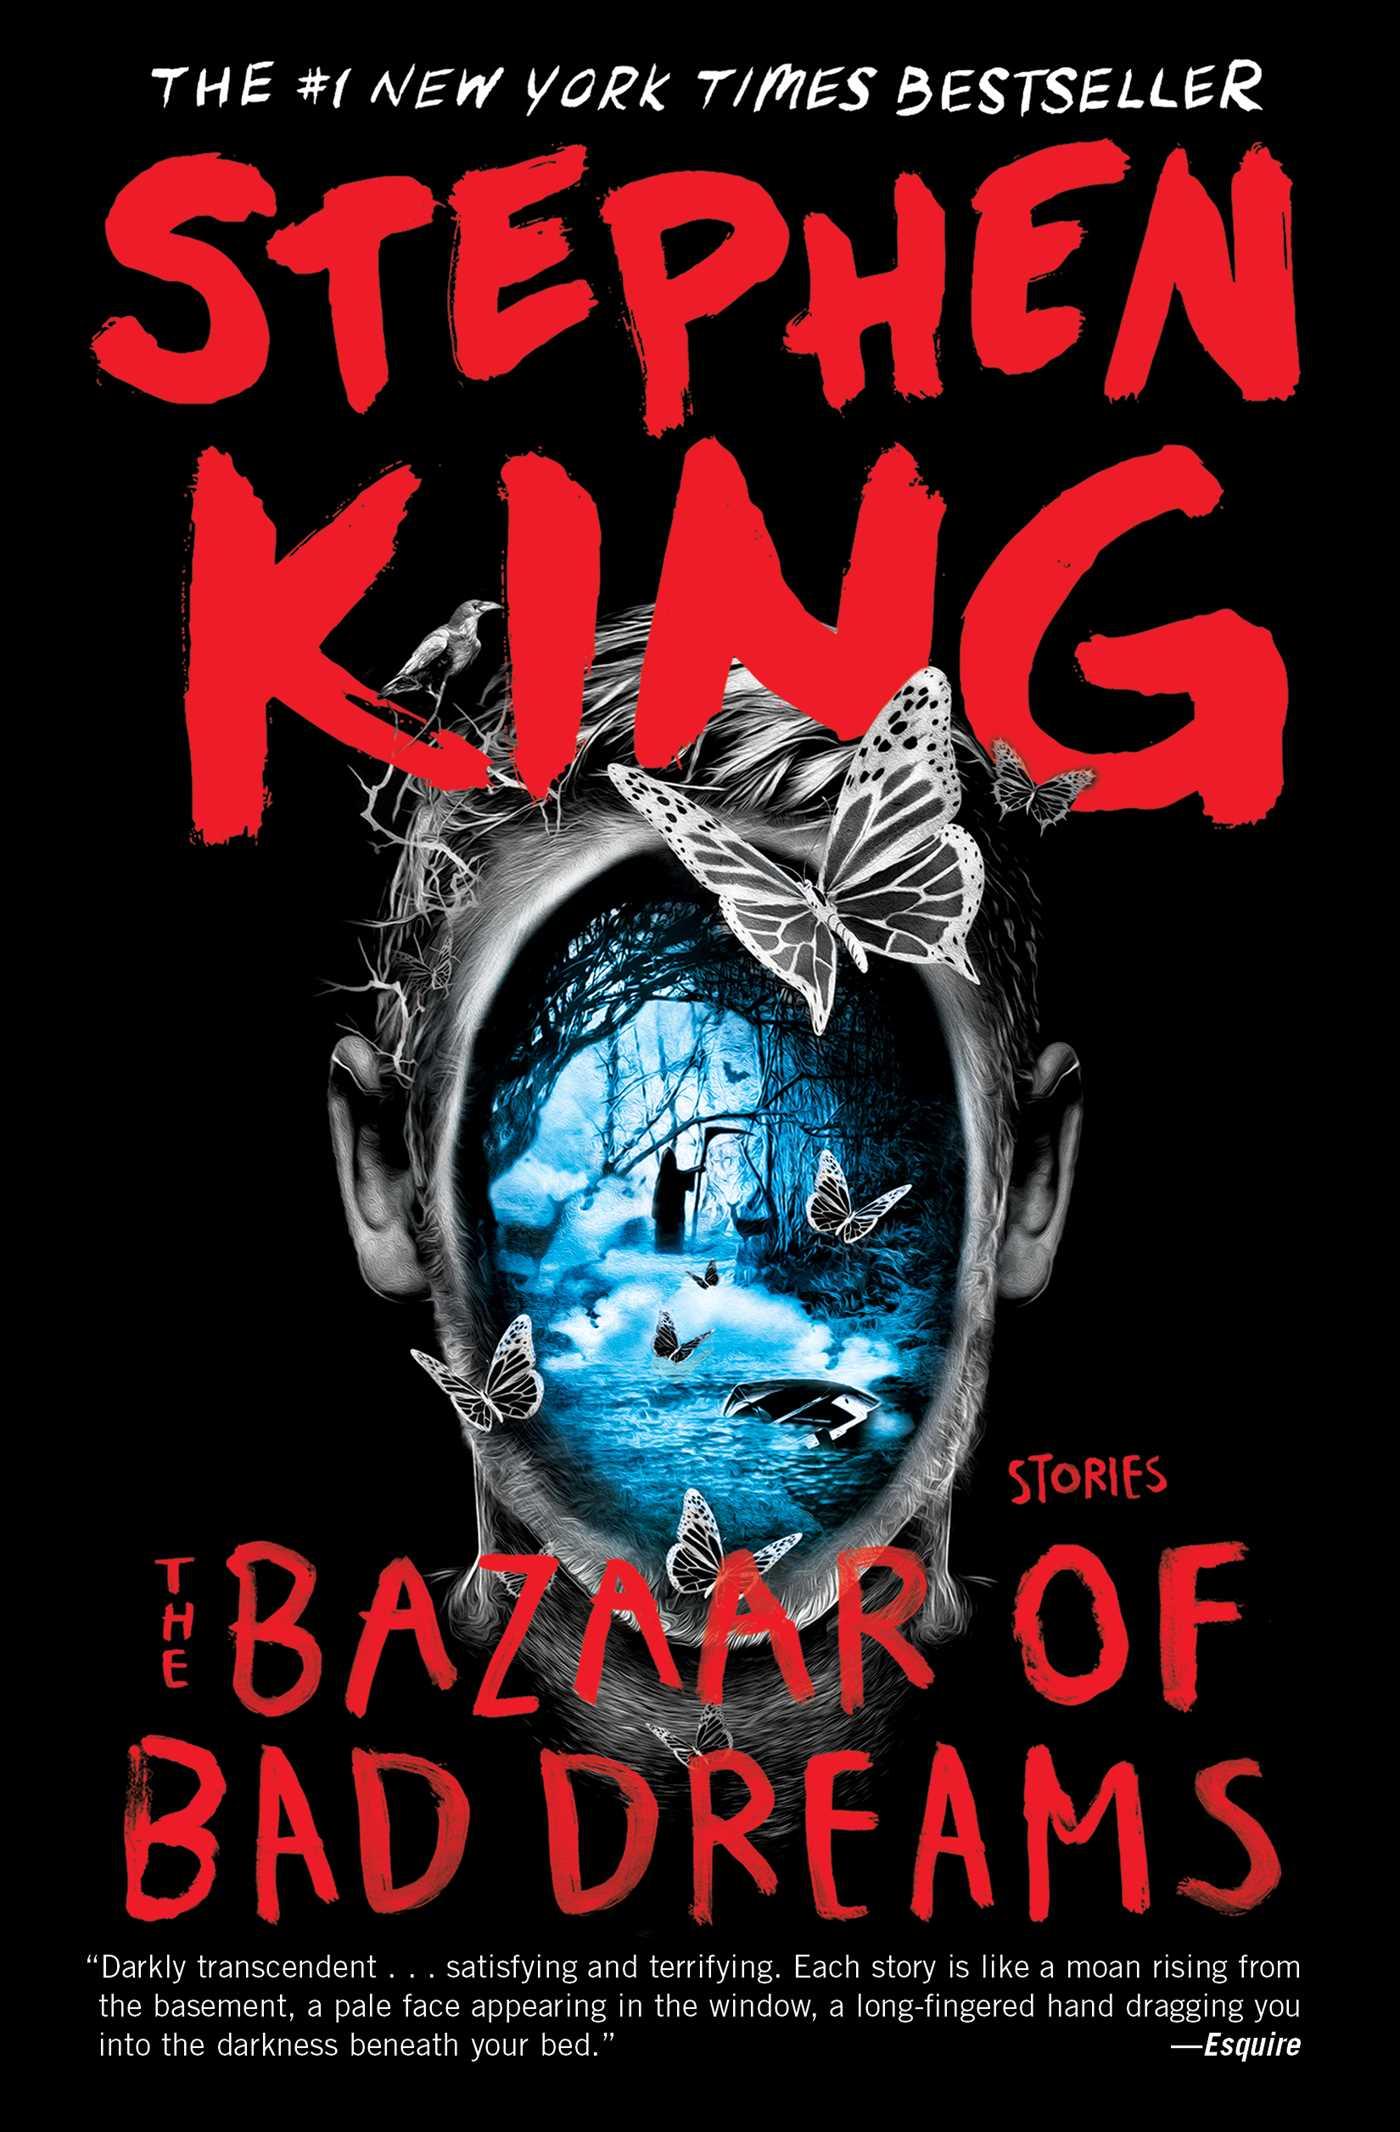 The bazaar of bad dreams 9781501197956 hr